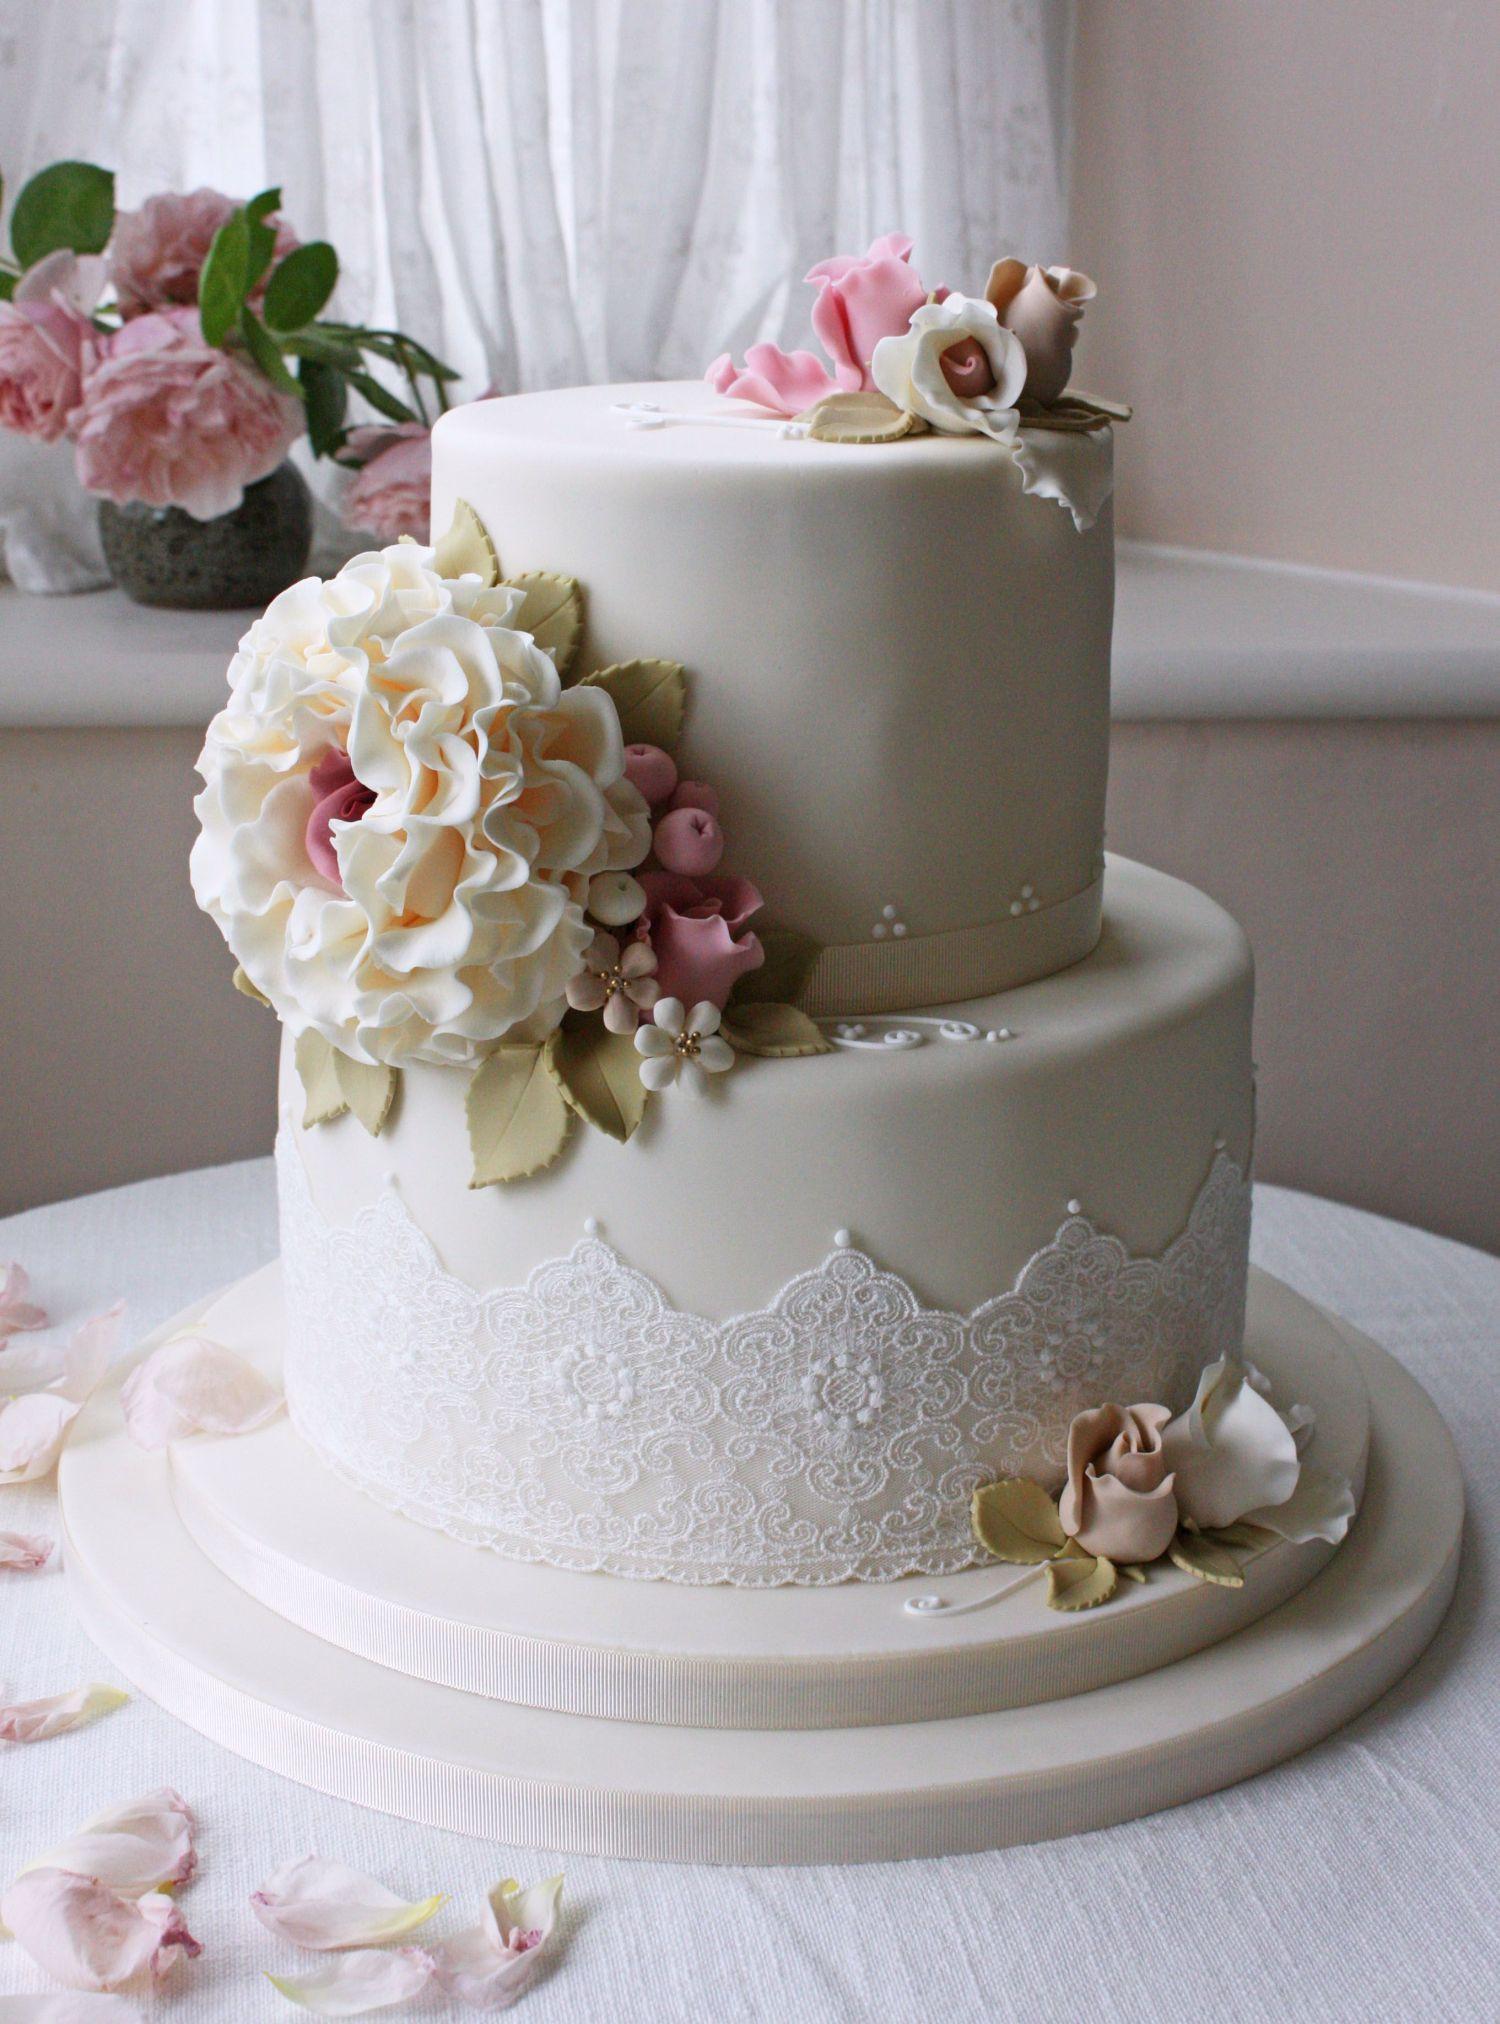 Two Tier Wedding Cakes  Wedding Cake Ideas